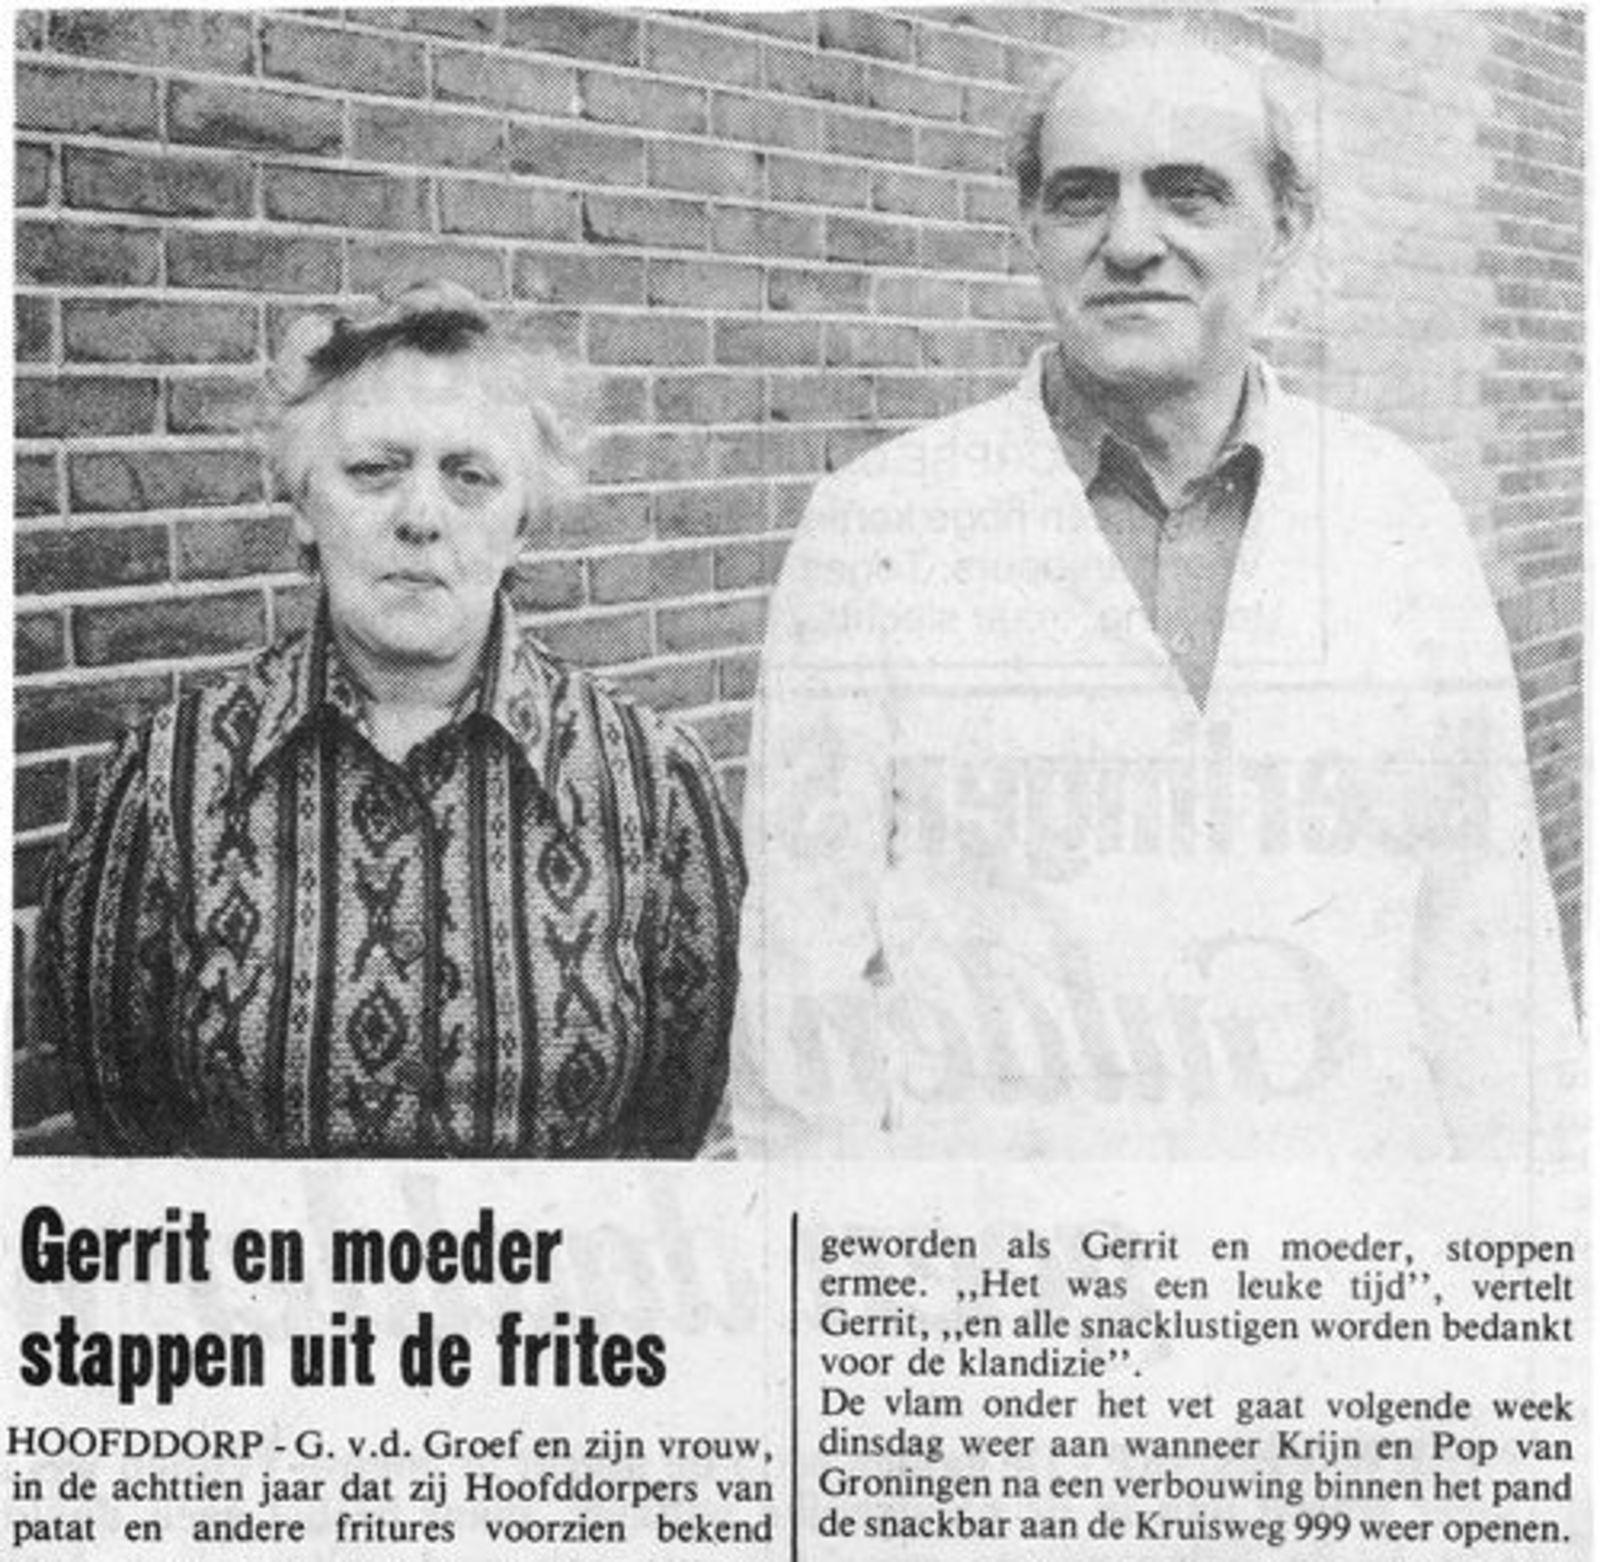 Kruisweg N 0999 1978 Snackbar vd Groef Stopt